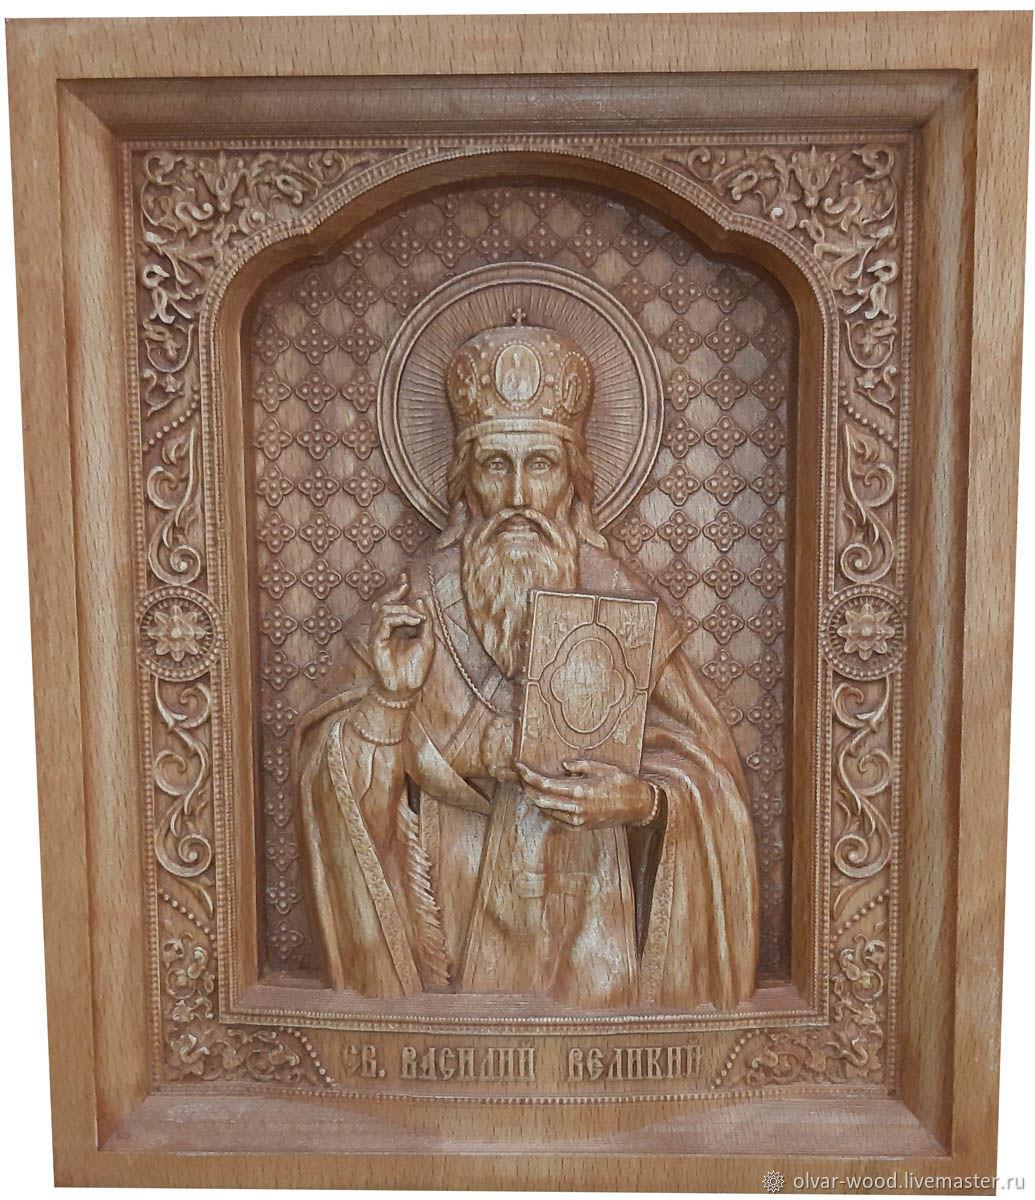 Резная икона из дерева Святой Василий Великий, Иконы, Москва,  Фото №1